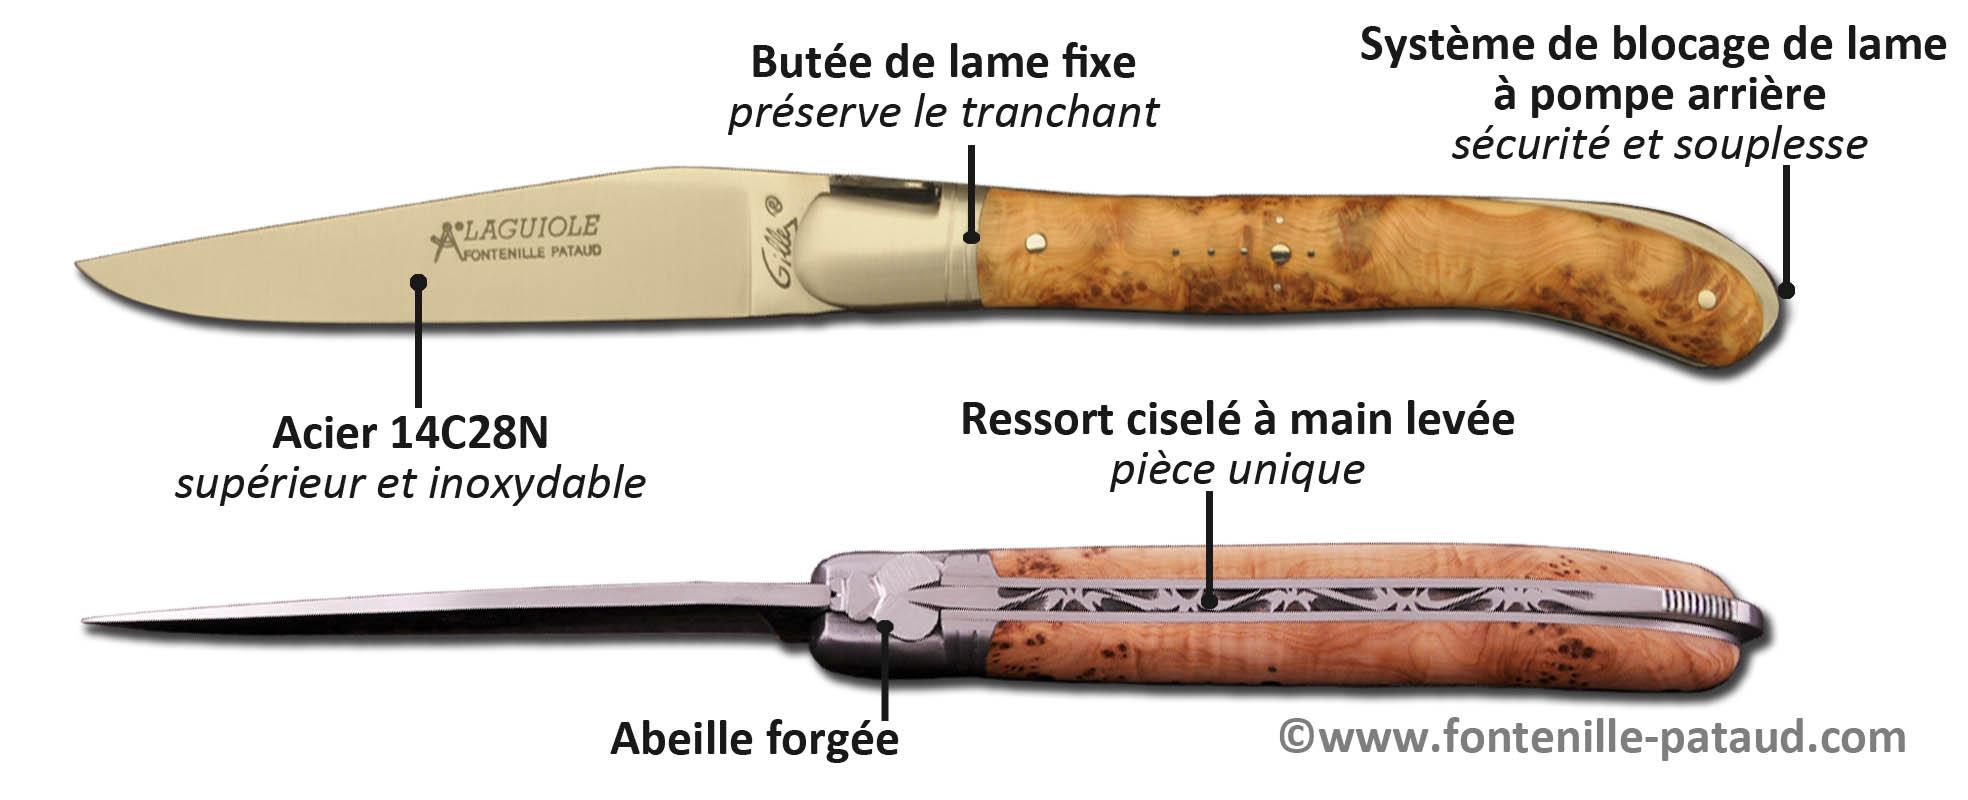 Couteau Laguiole Nature classique fabriqué en France